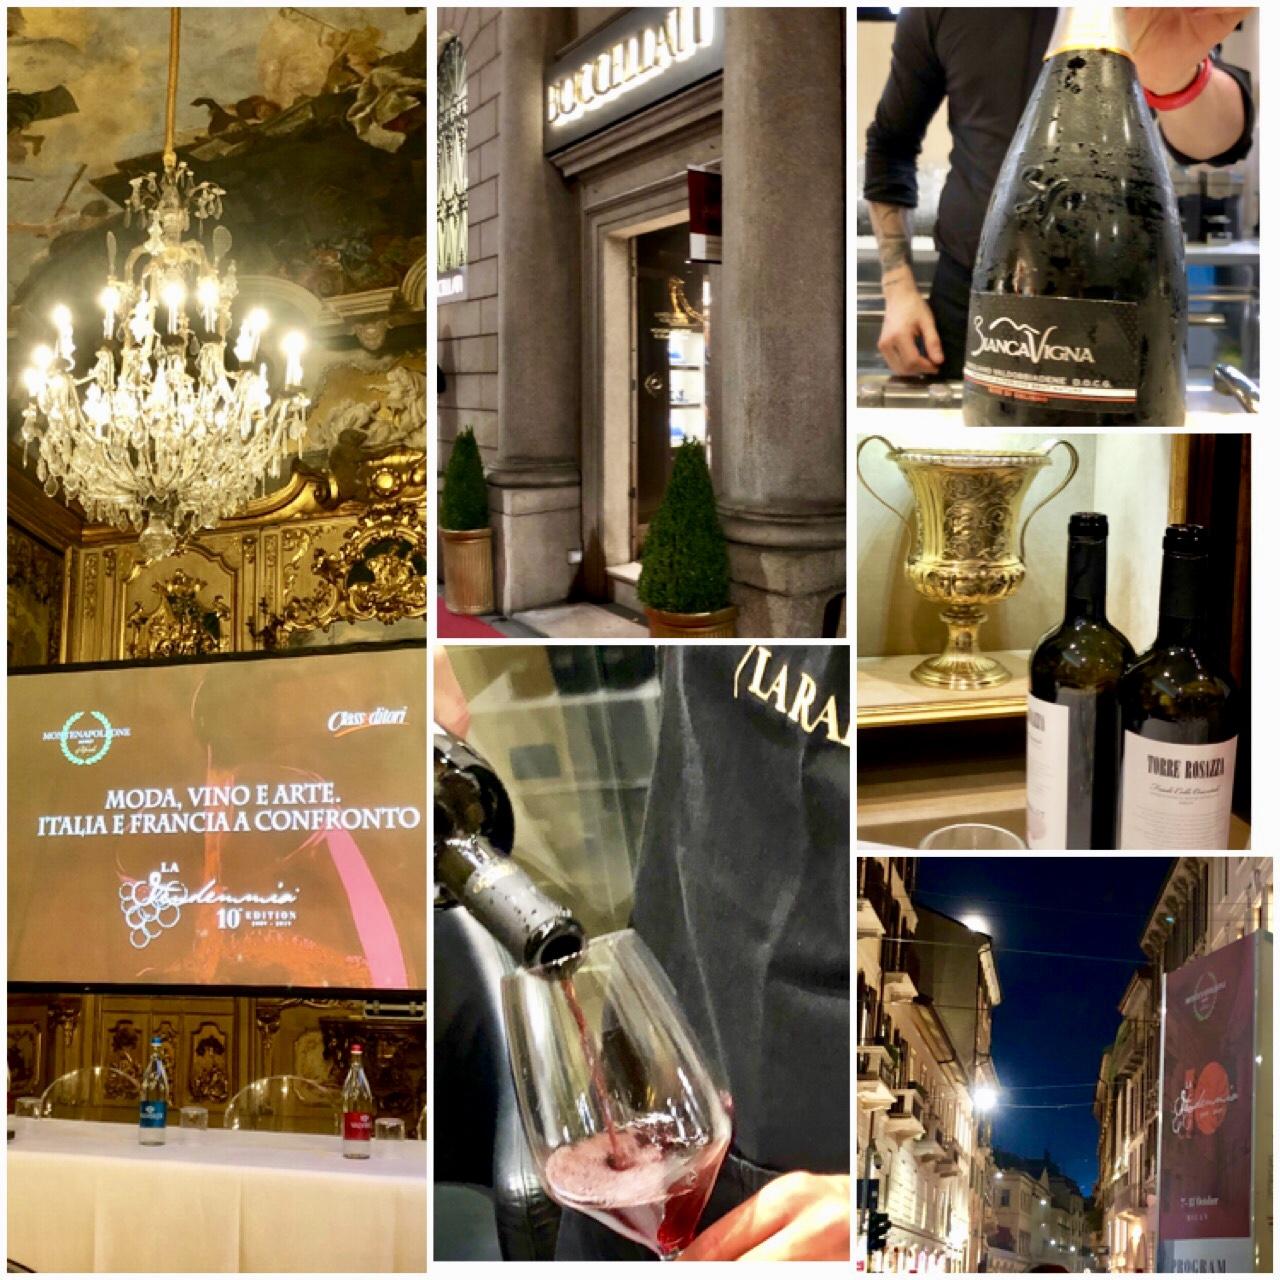 La Vendemmia di Monte Napoleone e il Forum Italia-Francia: Milano capitale del vino per una settimana